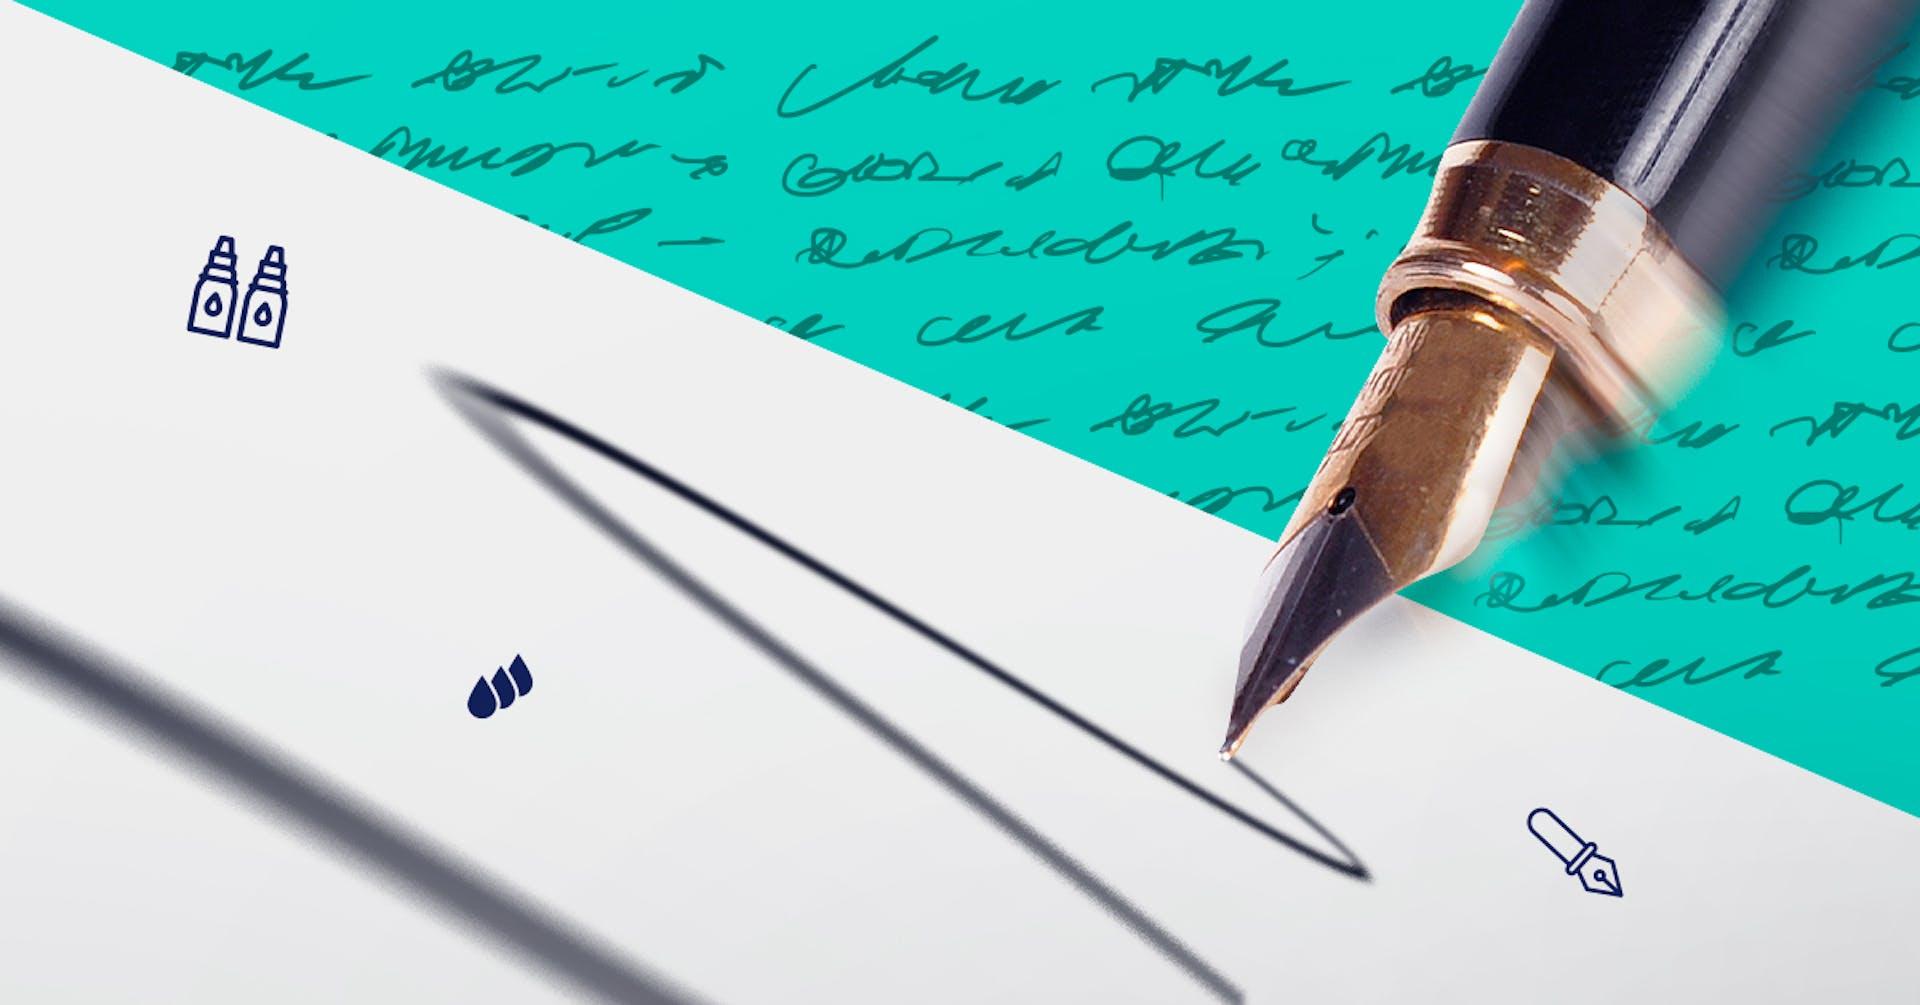 Guía básica para elegir los mejores estilógrafos recargables